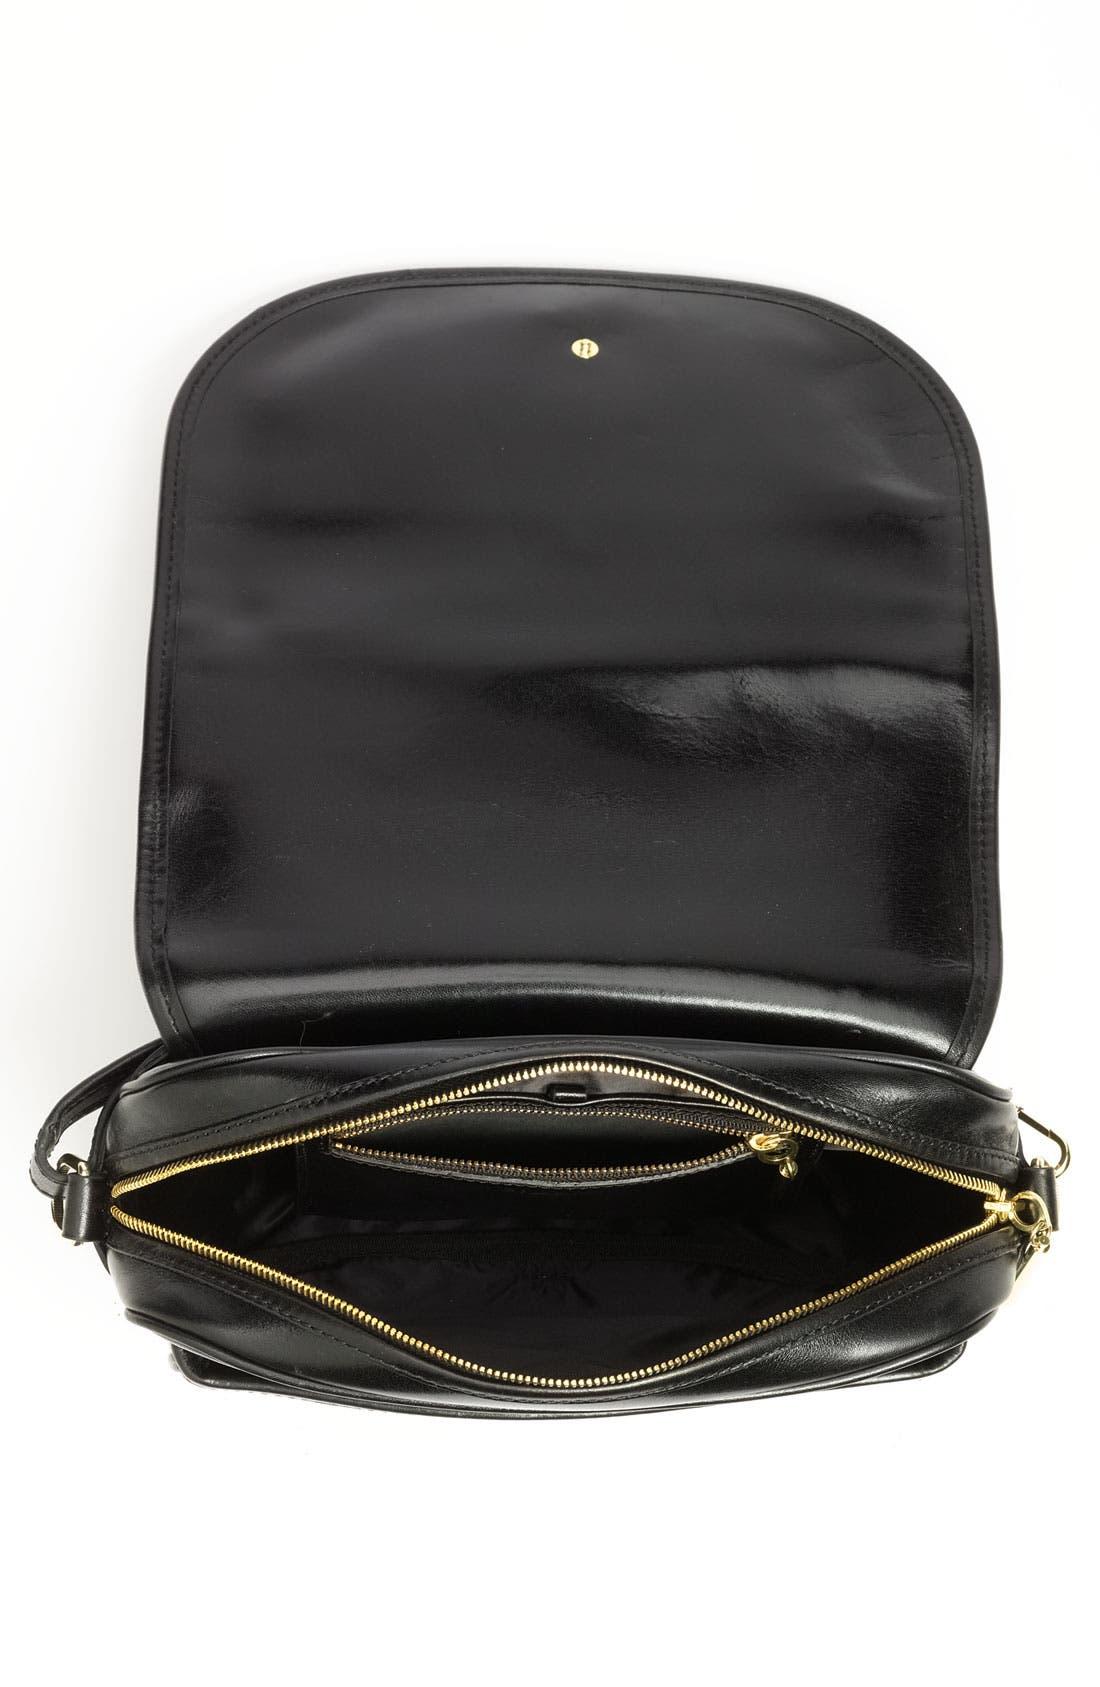 Alternate Image 3  - 3.1 Phillip Lim 'Vendetta - Large' Leather Shoulder Bag